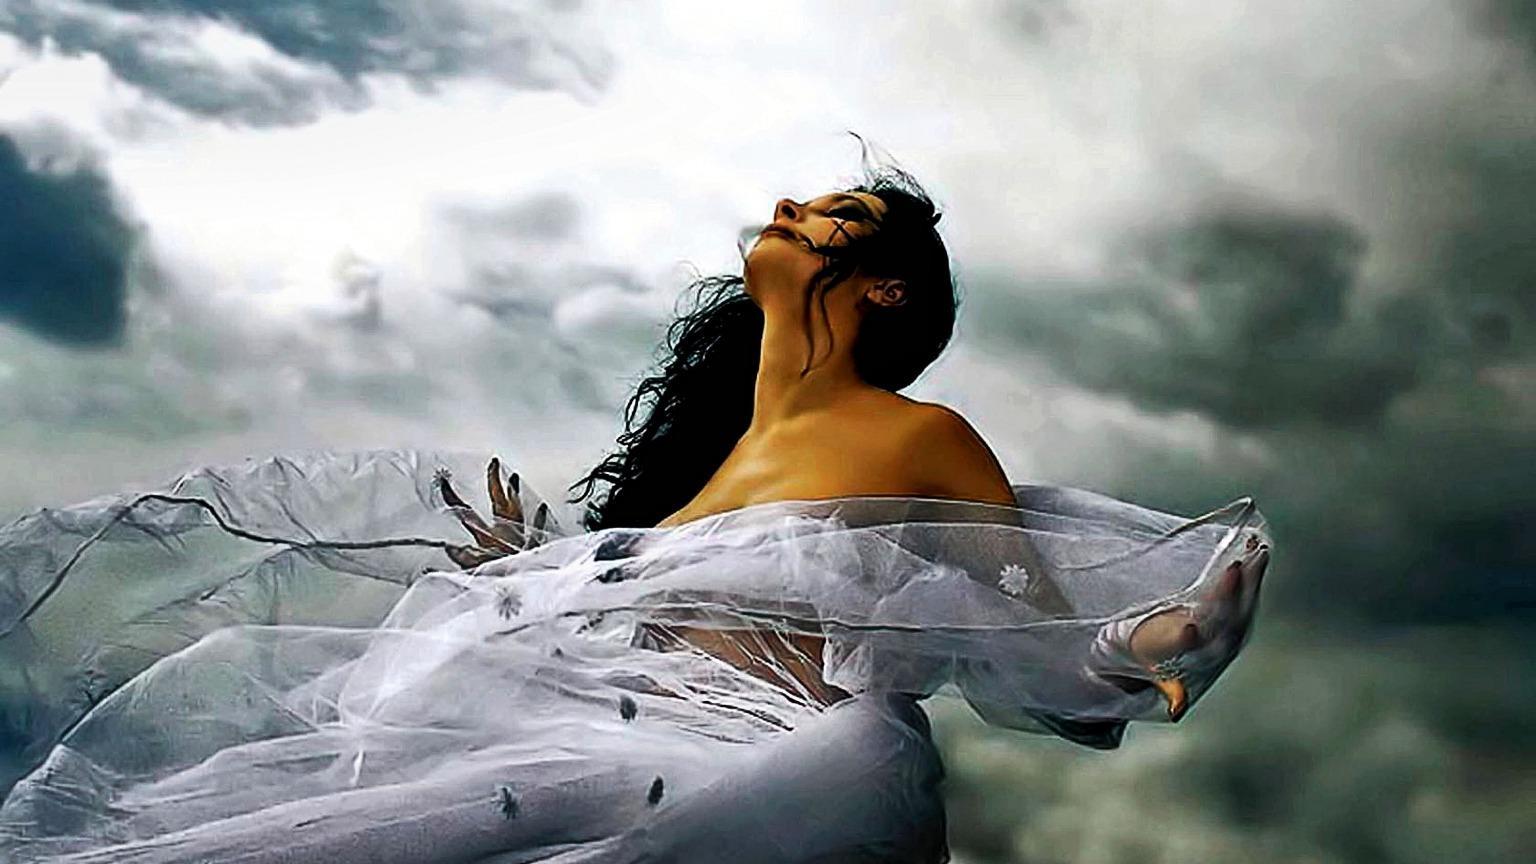 Приколы пикачу, картинки свободен как ветер